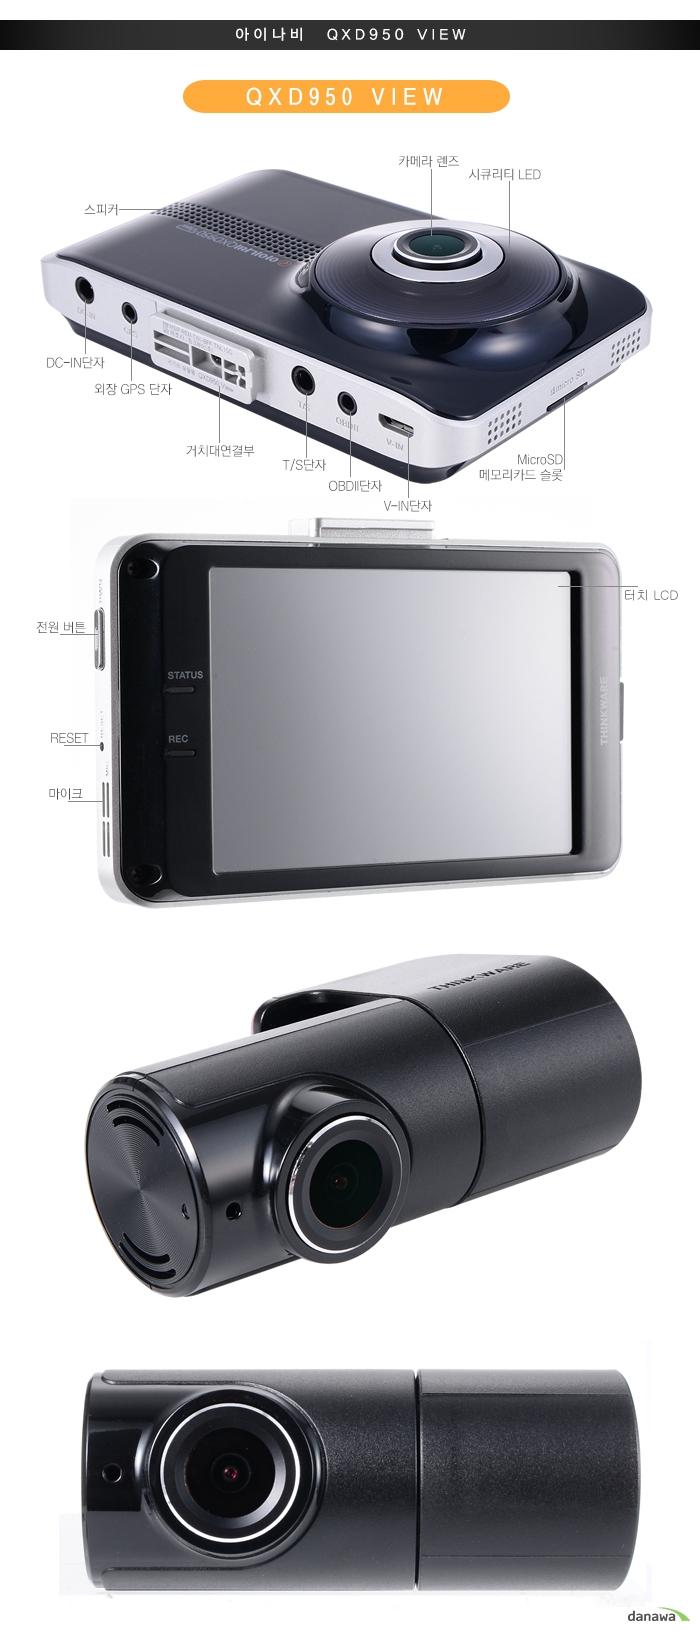 아이나비 QXD950 ViewQXD950 View스피커, 카메라렌즈,시큐리티 LEDDC-IN단자, 외장 GPS단자, 거치대연결부T/S단자 OBDII단자, V-IN단자 Micro메모리카드슬롯터치 LCD, 전원버튼RESET, 마이크